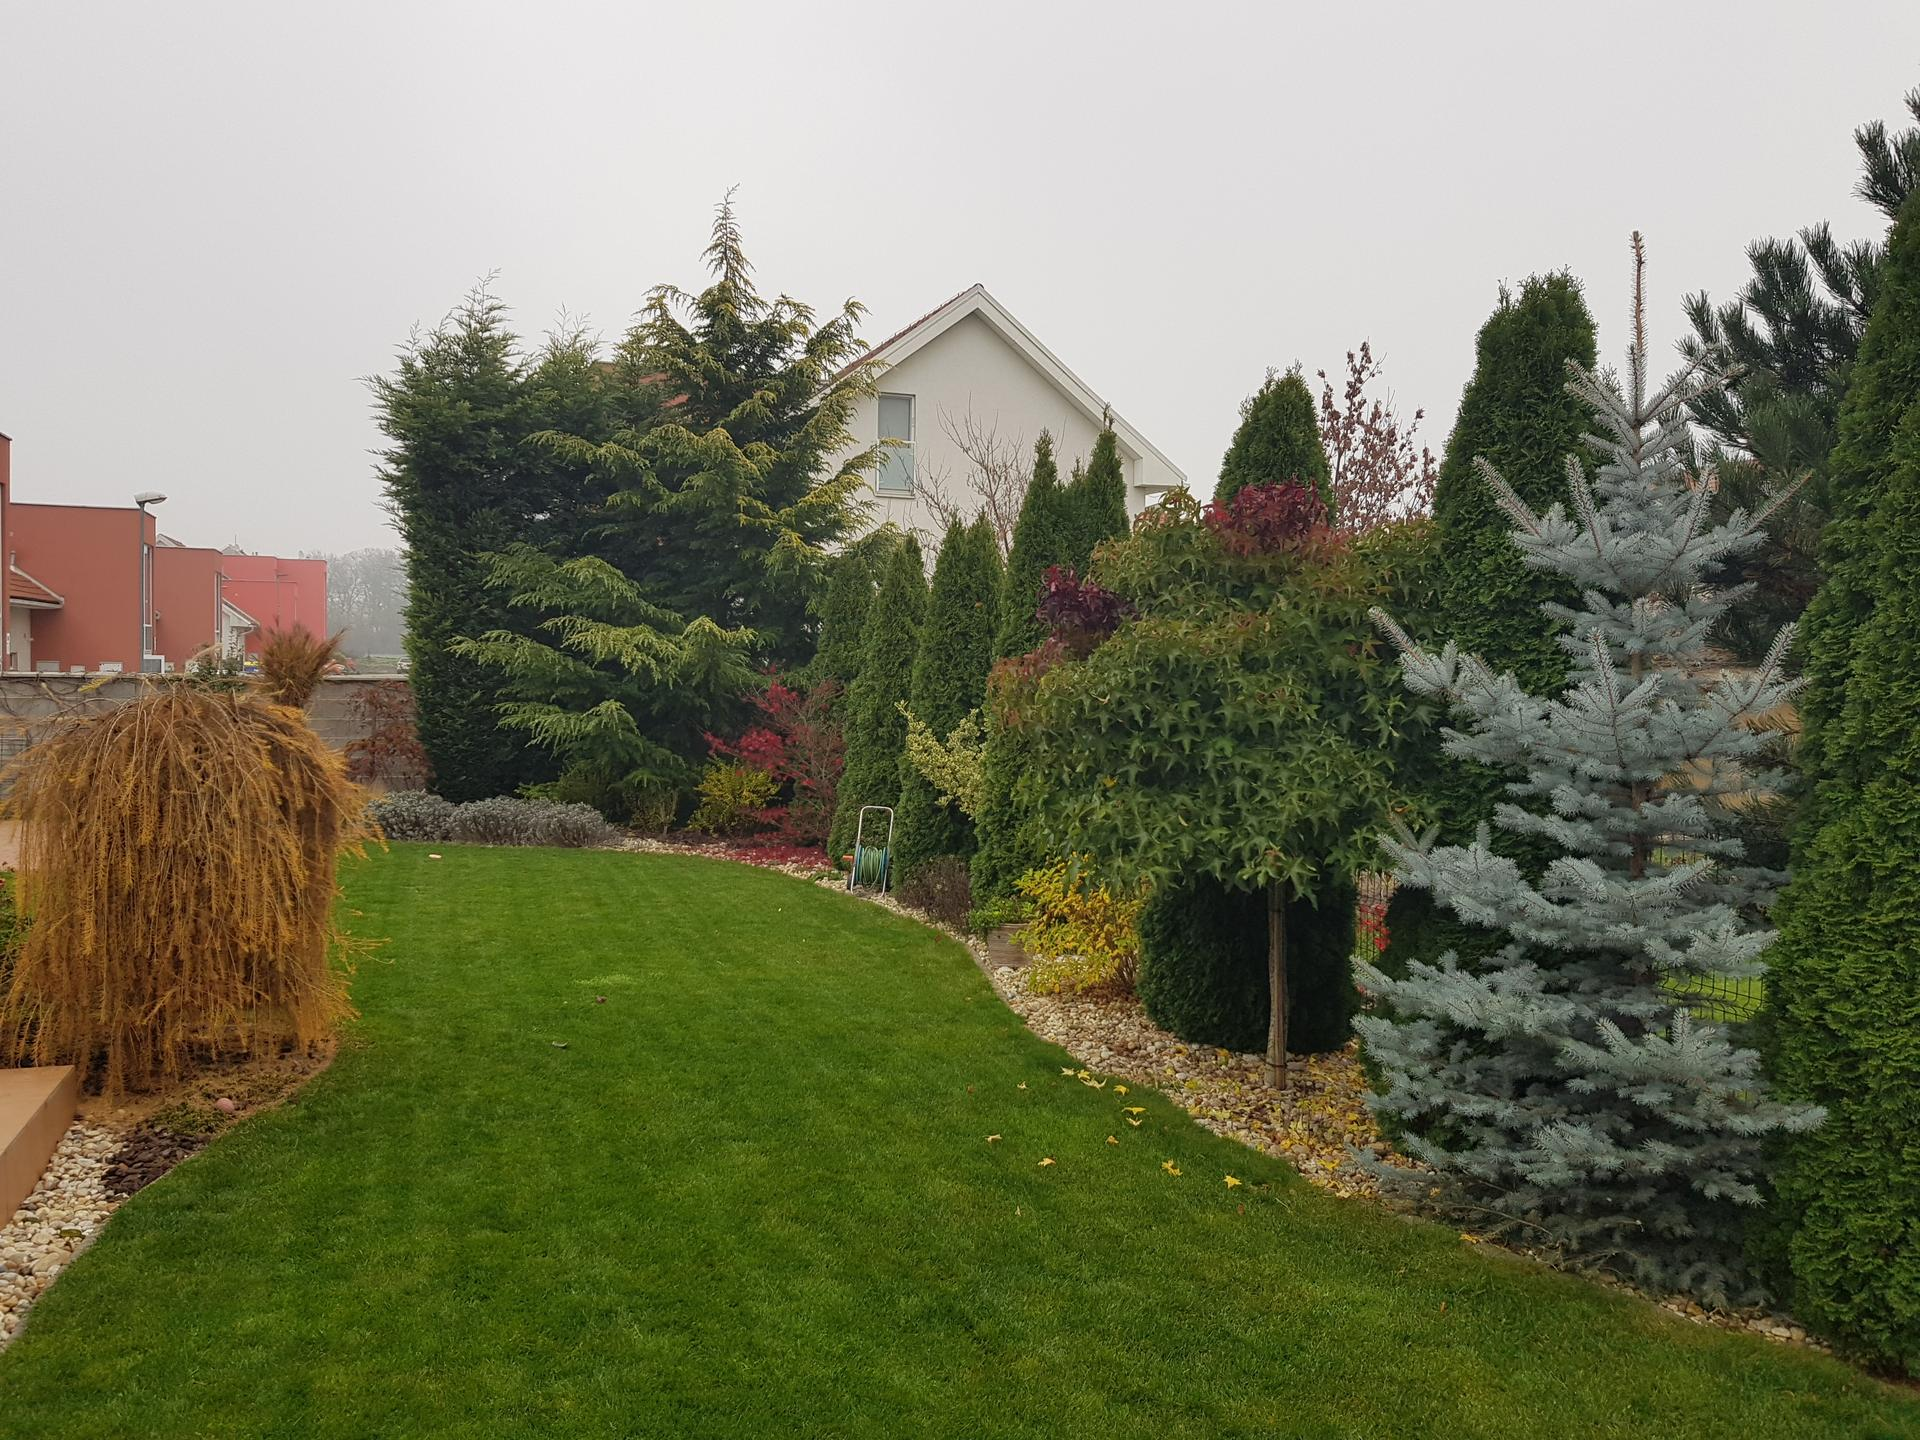 Bývame a dokončievame - Spiaca 7,5 rocna zahrada ...chystam drobne zmeny v zahonoch